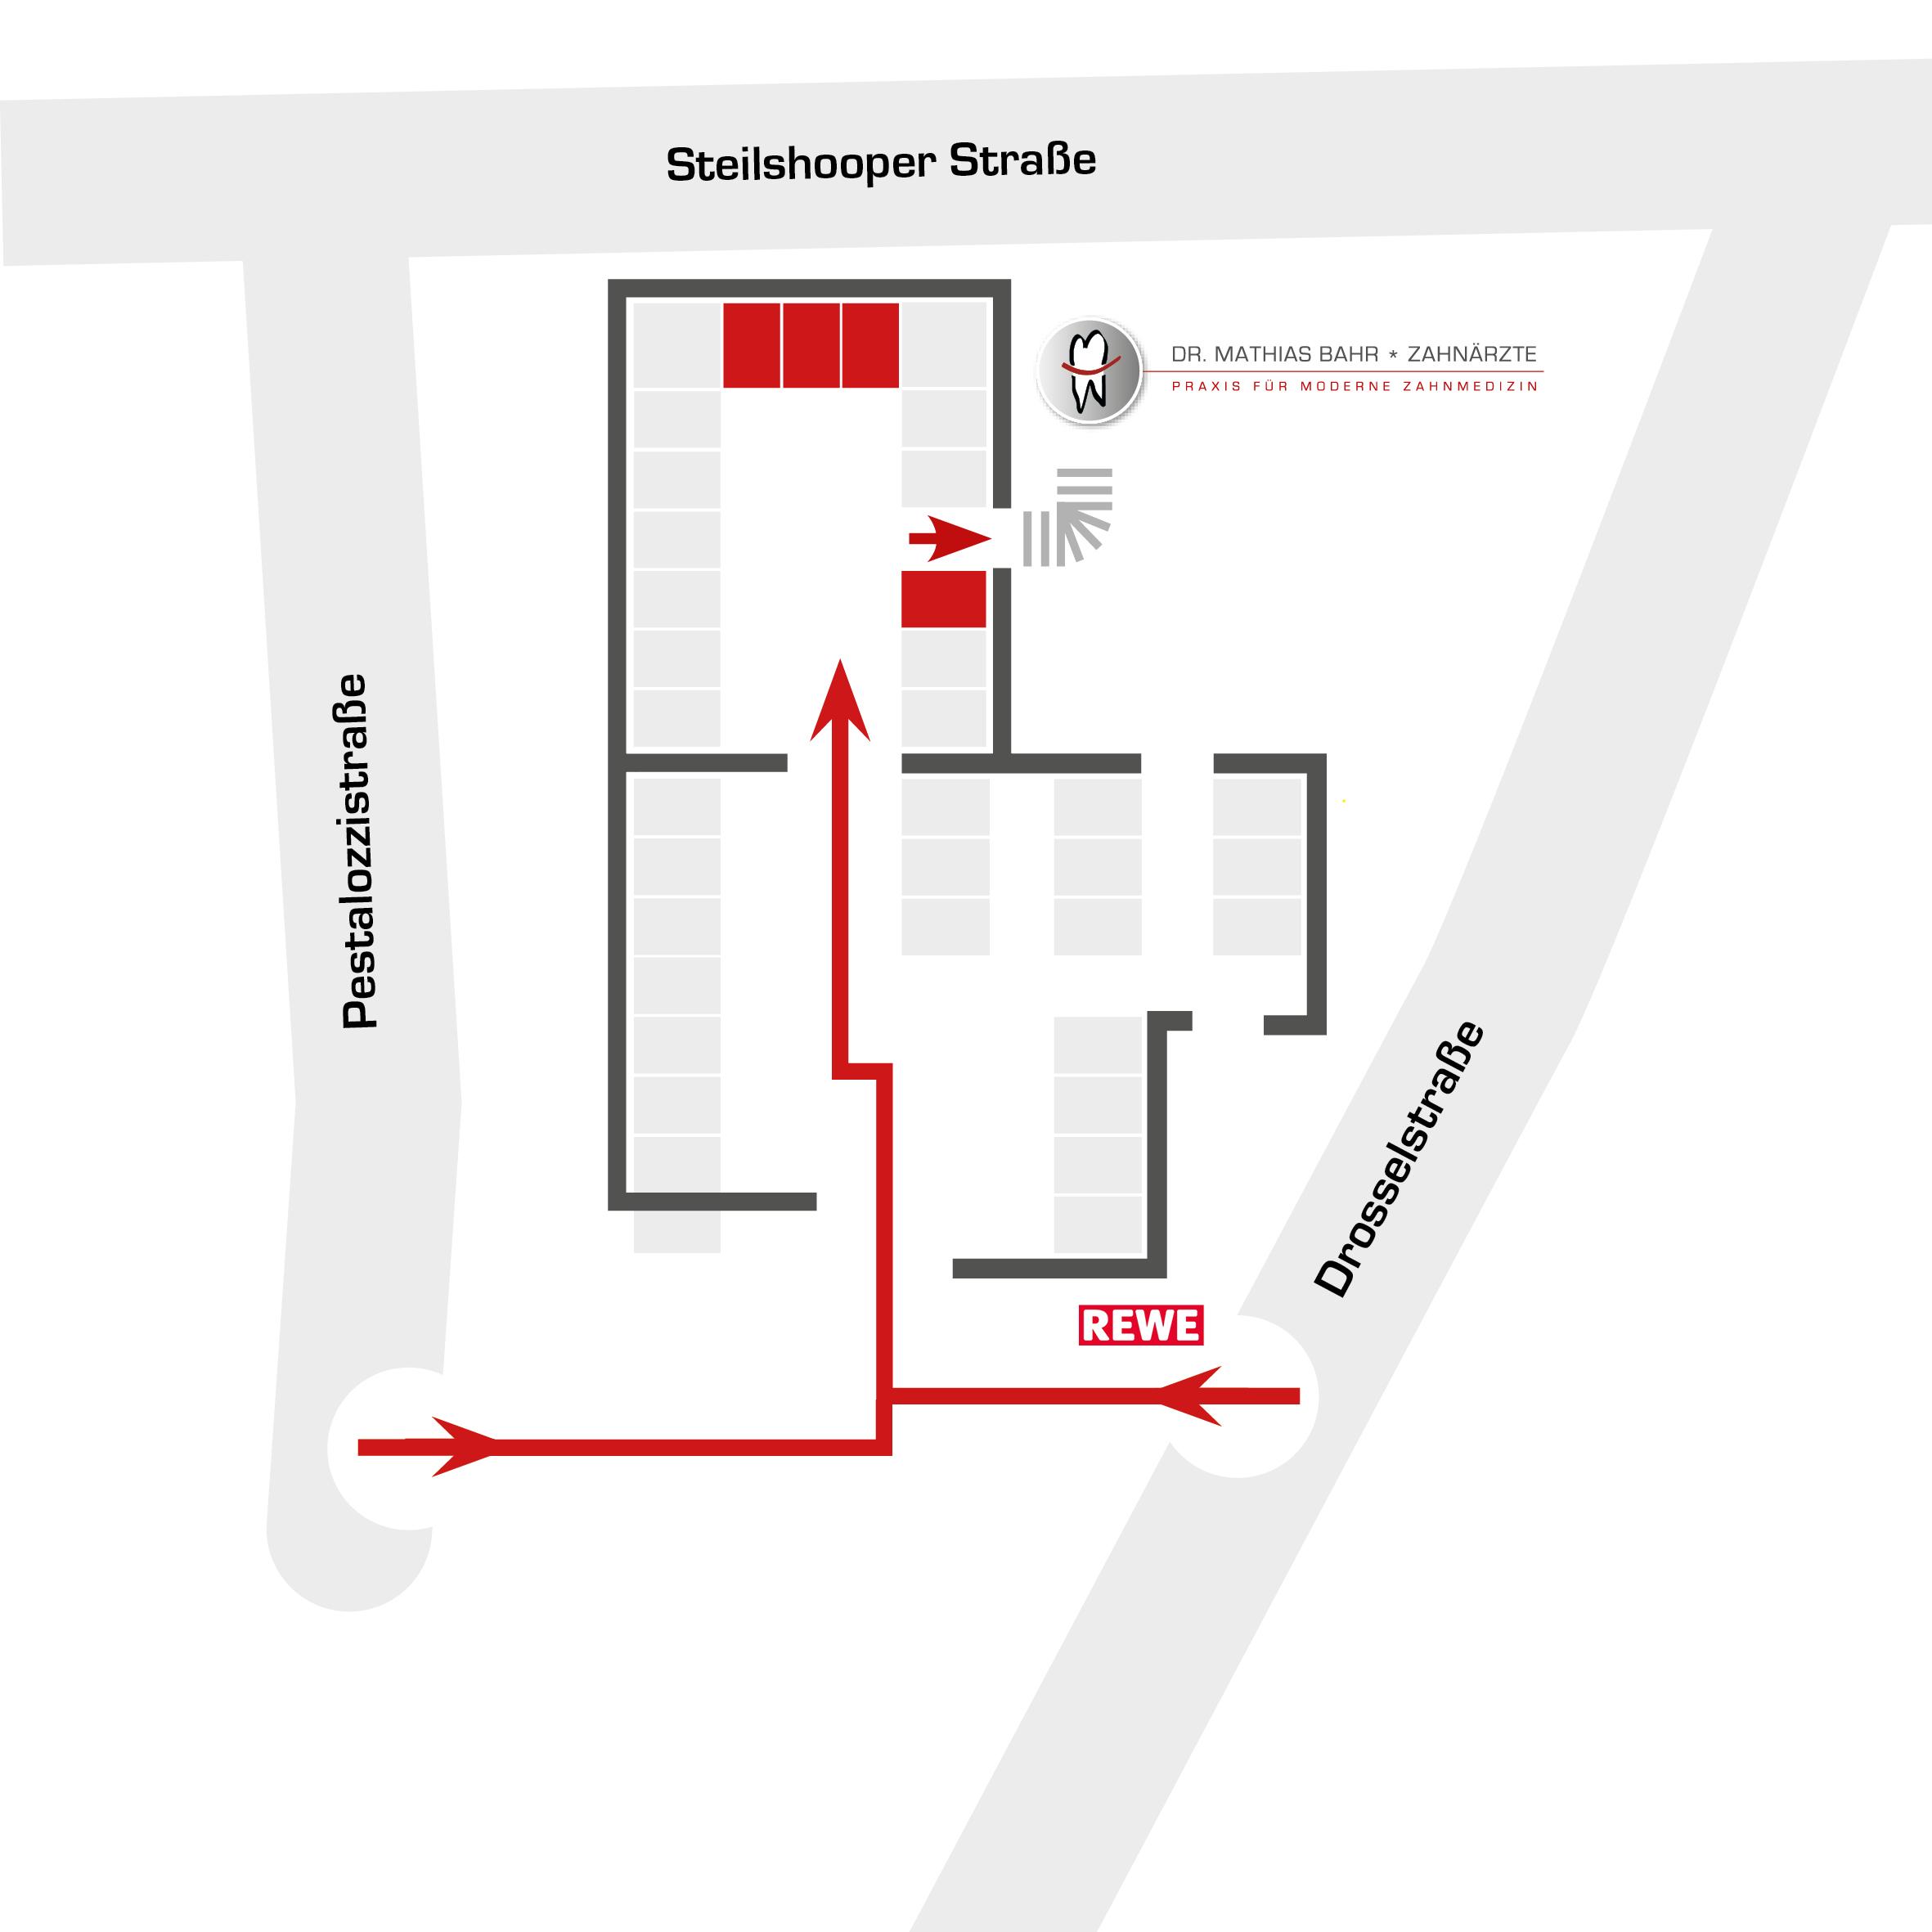 Parkplaetze der Zahnarztpraxis Dr. Mathias Bahr in Hamburg-Barmbek.